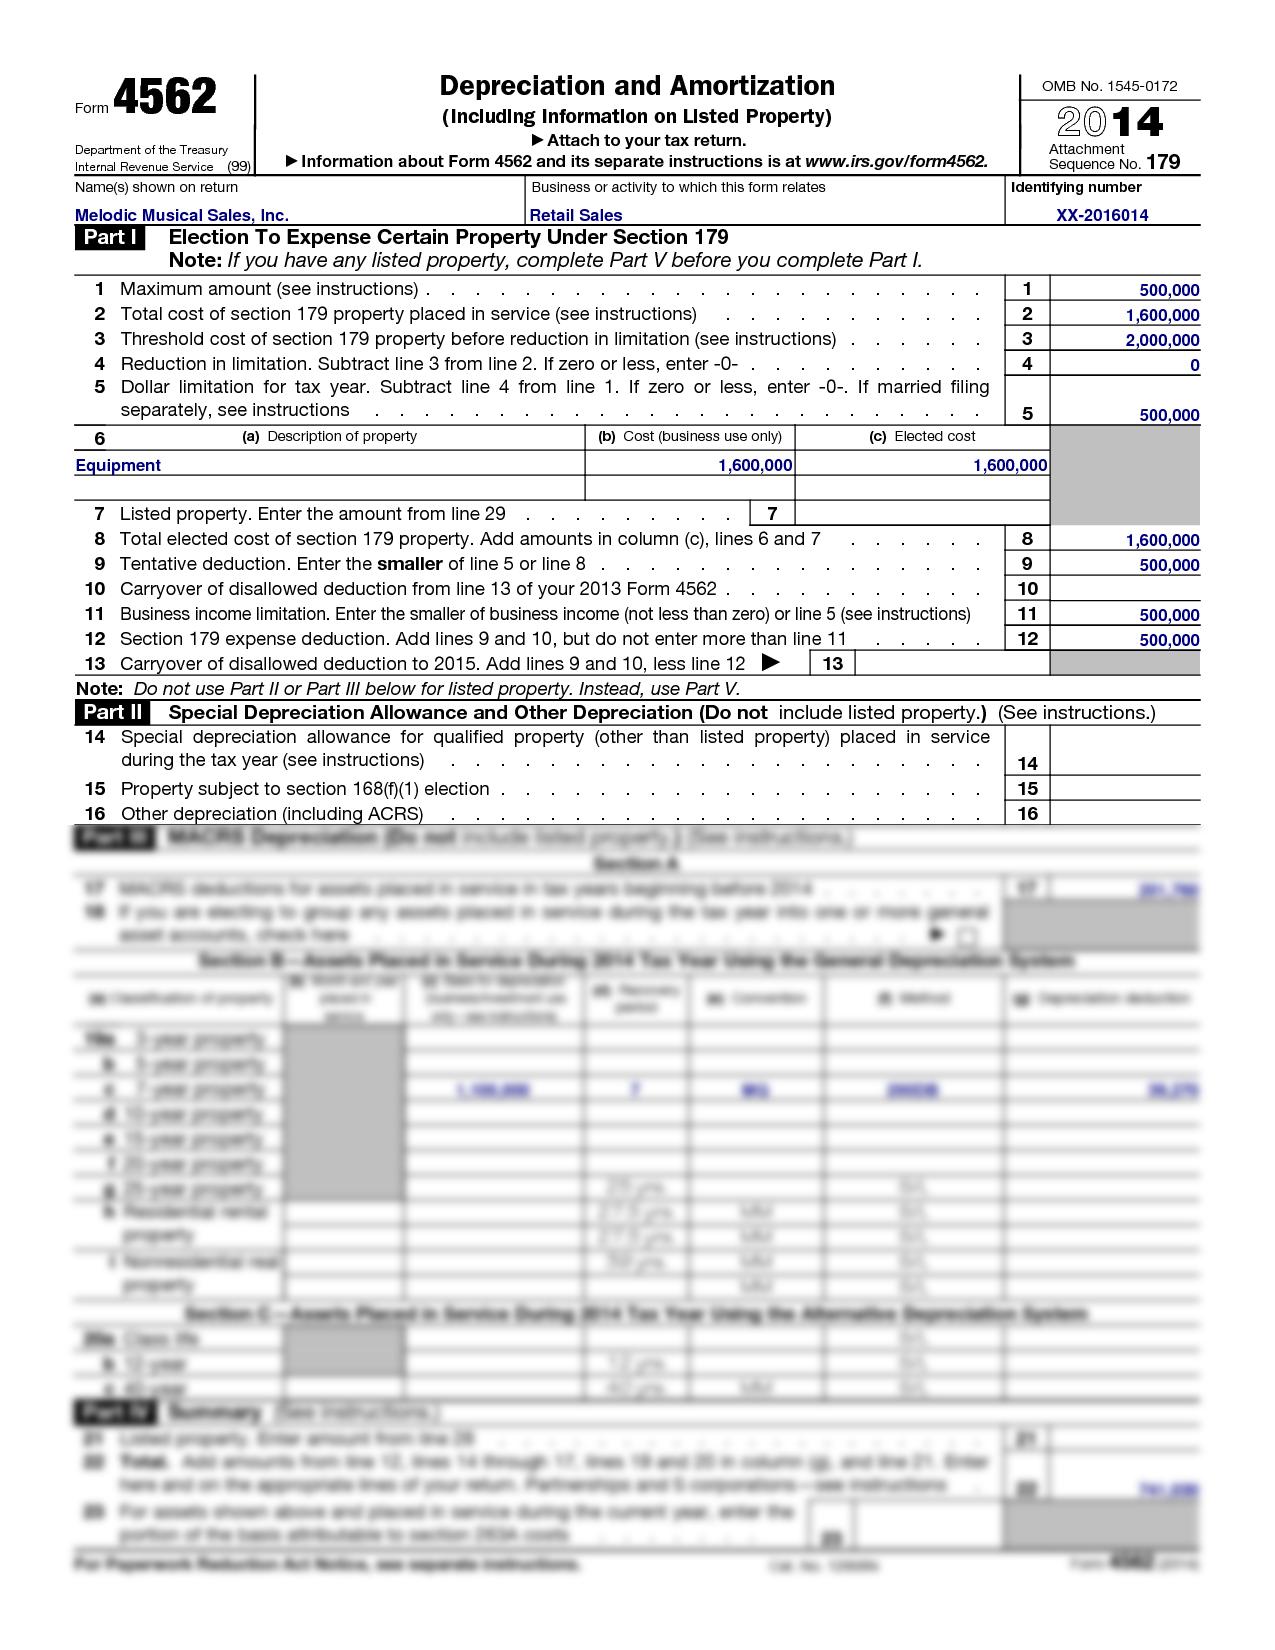 download 2014 tax return form